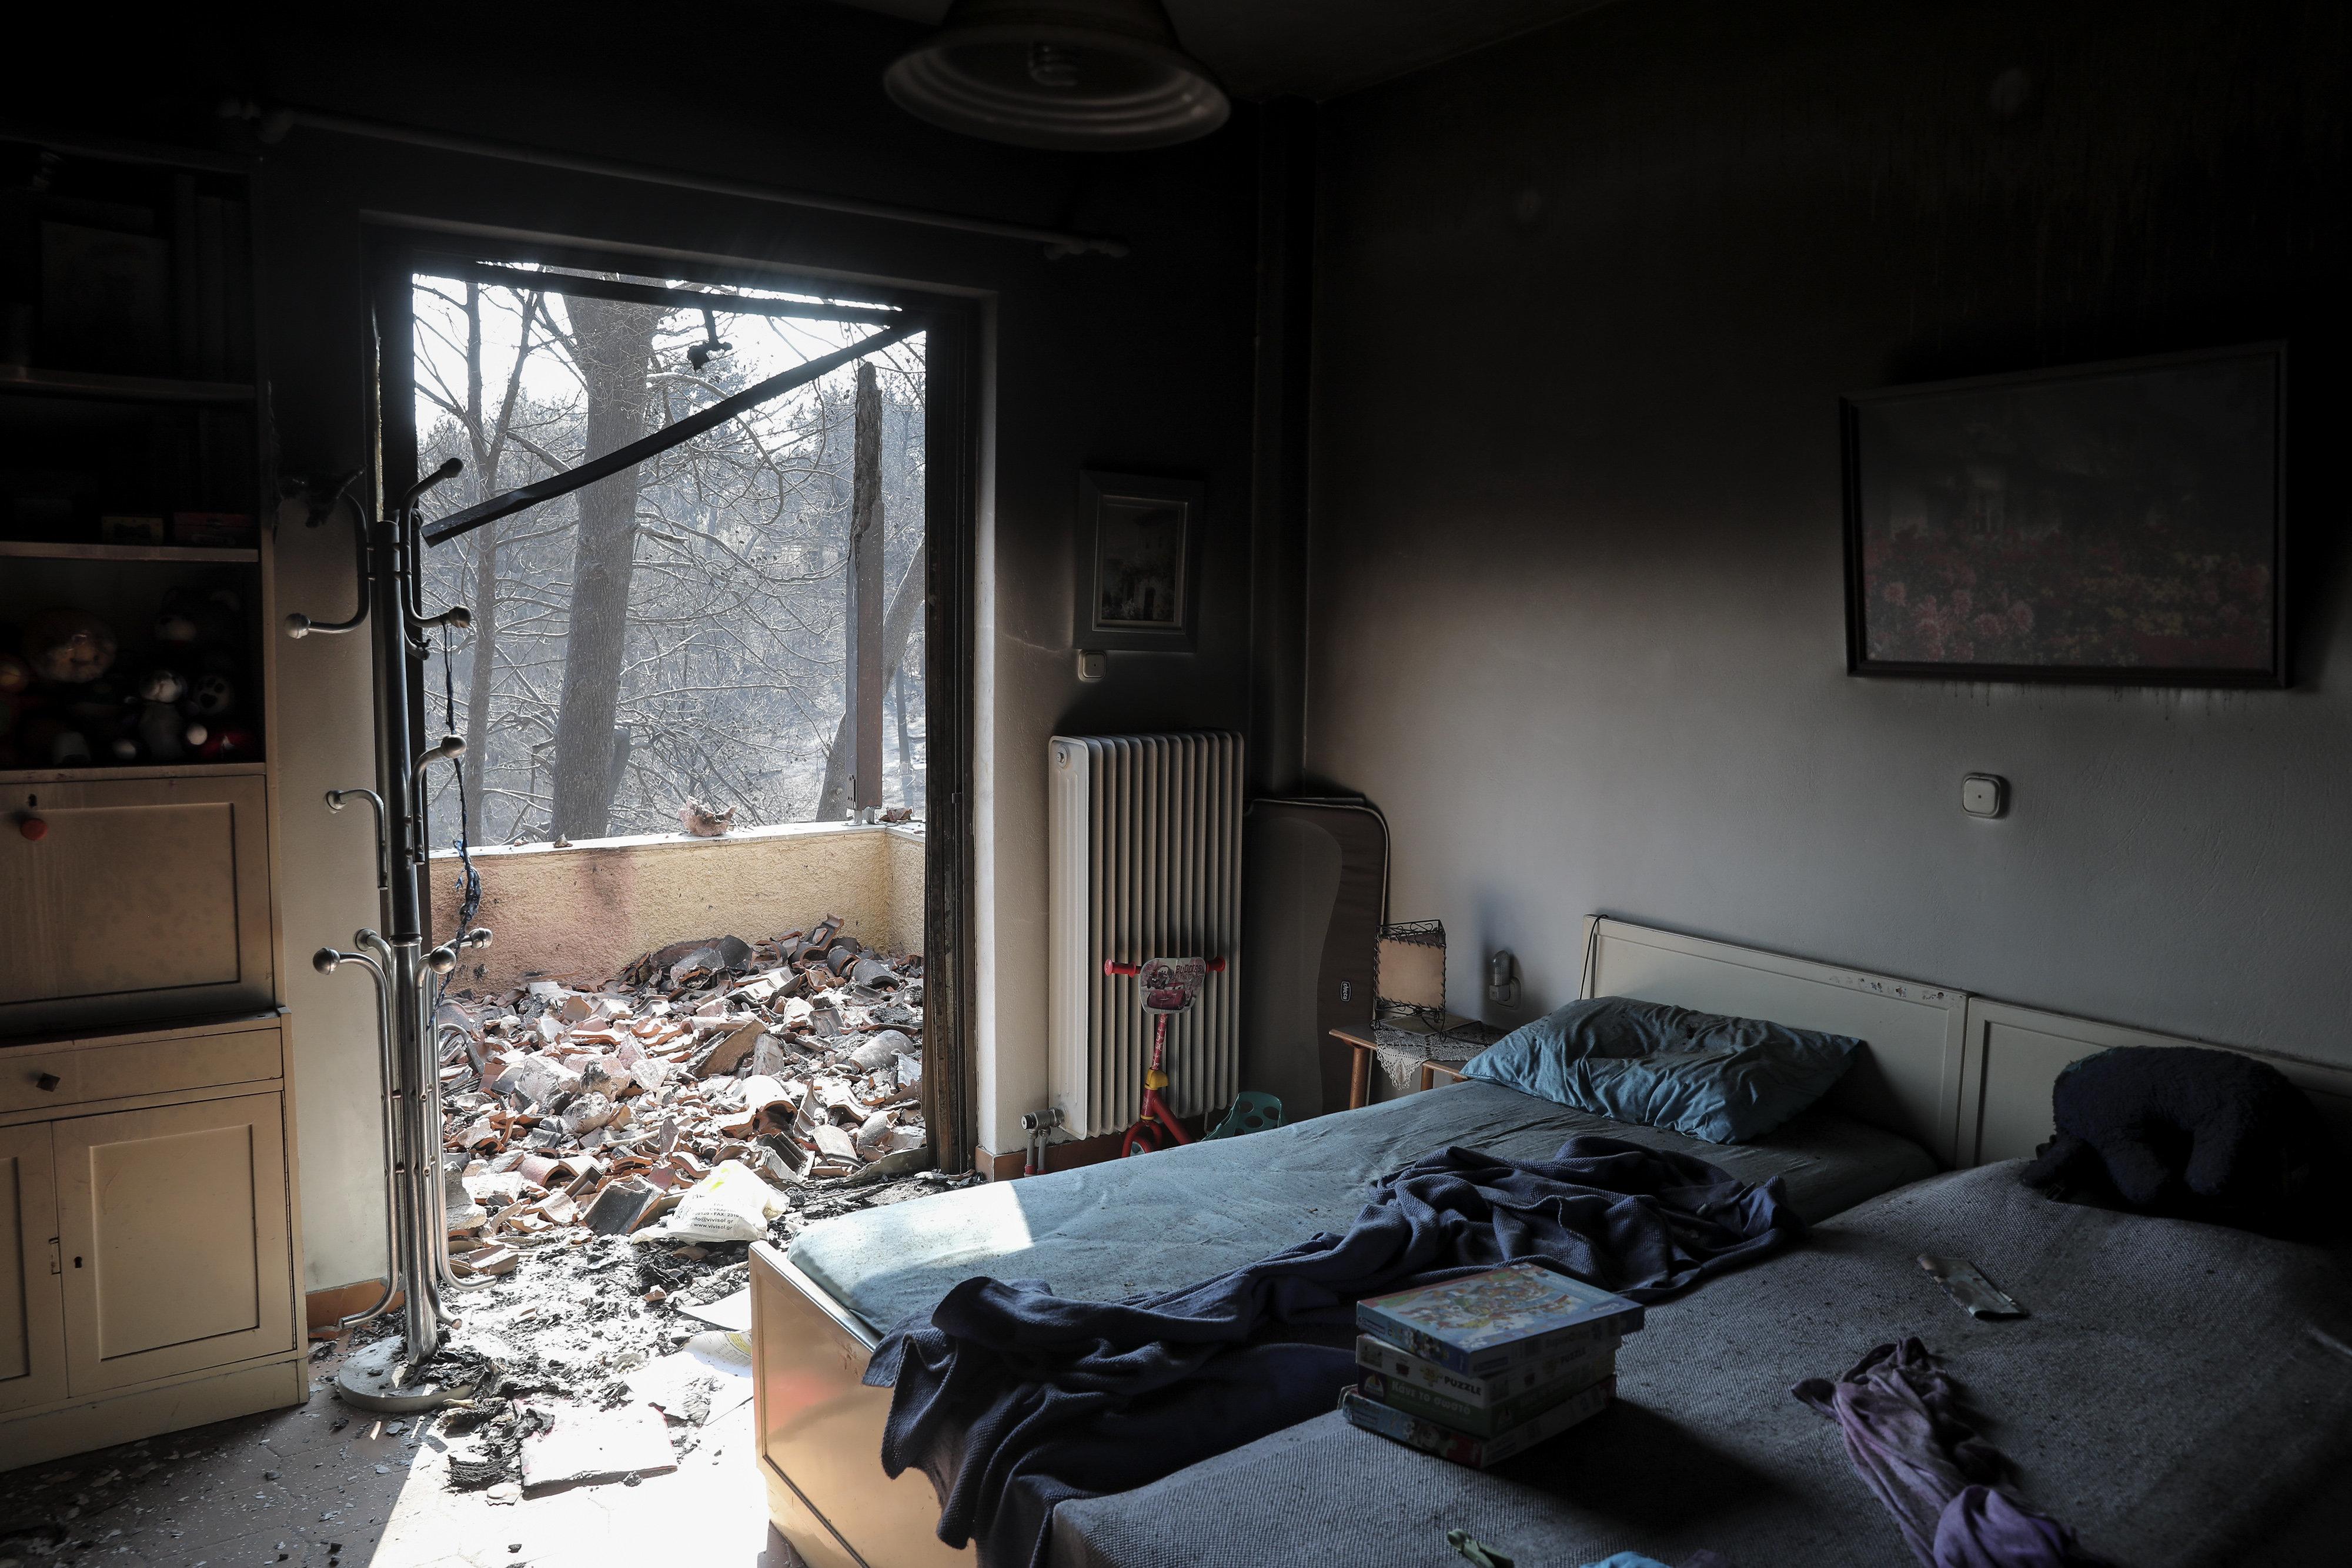 Η λίστα των θυμάτων της πυρκαγιάς στο Μάτι και τα συμπεράσματα που προκύπτουν